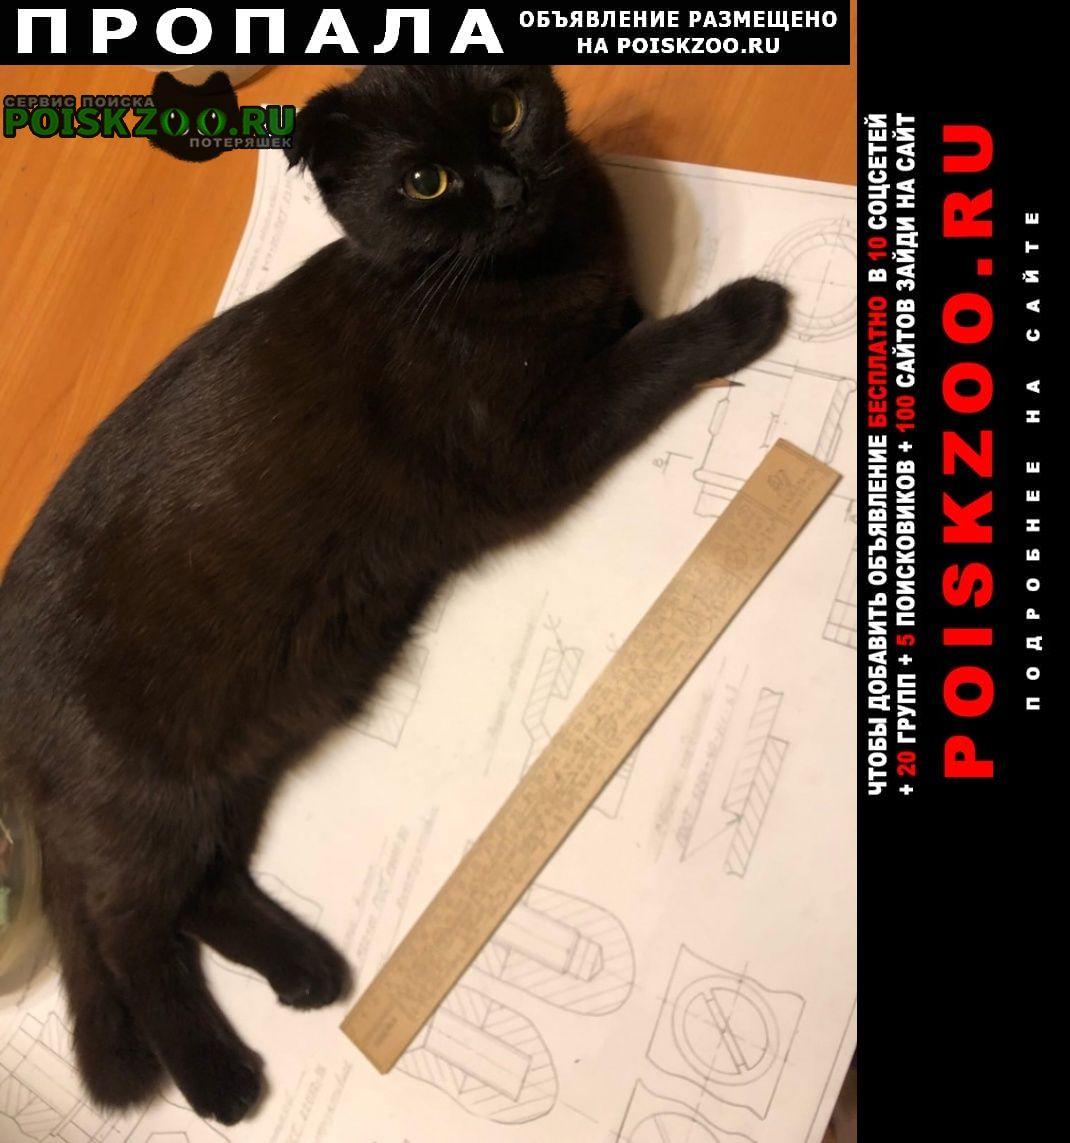 Пропала кошка Тула